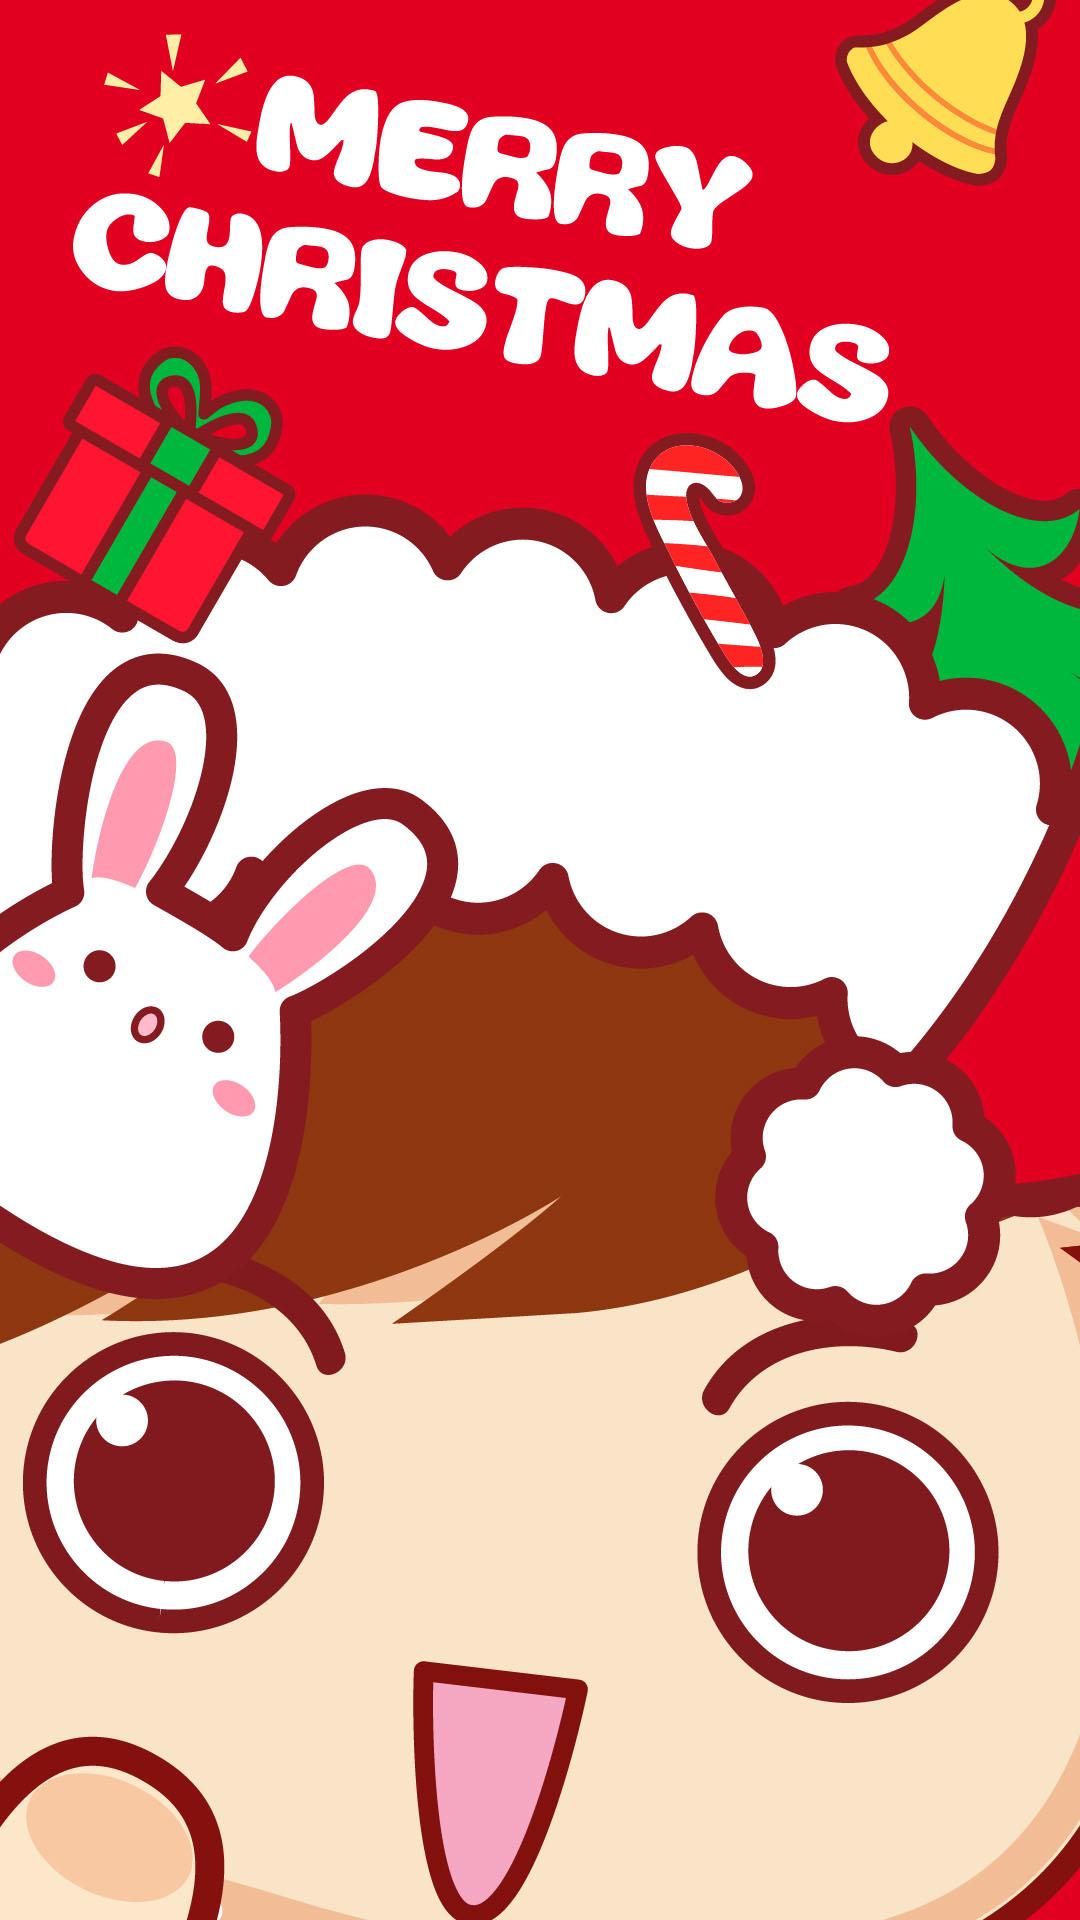 摩丝摩丝仔仔甜蜜圣诞